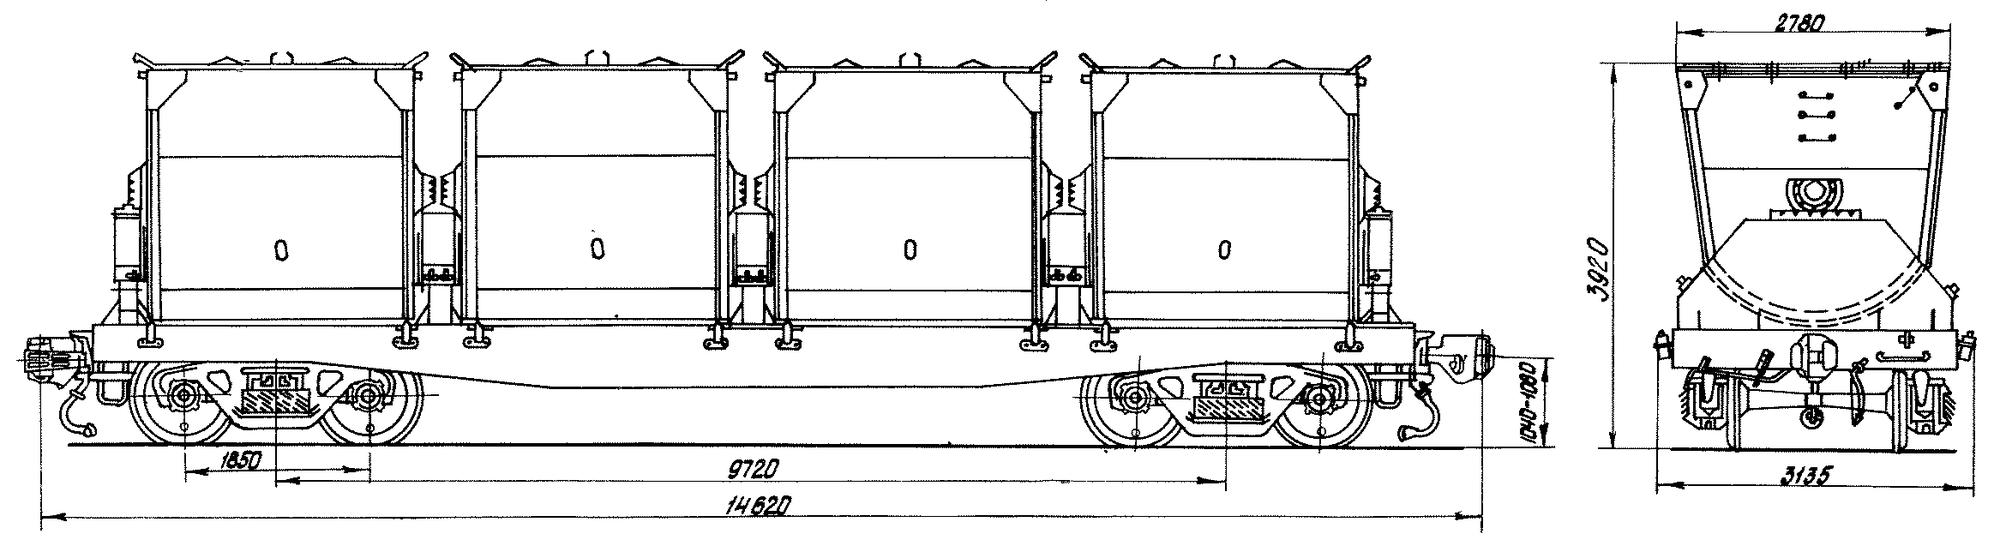 4-осный вагон для нефтебитума